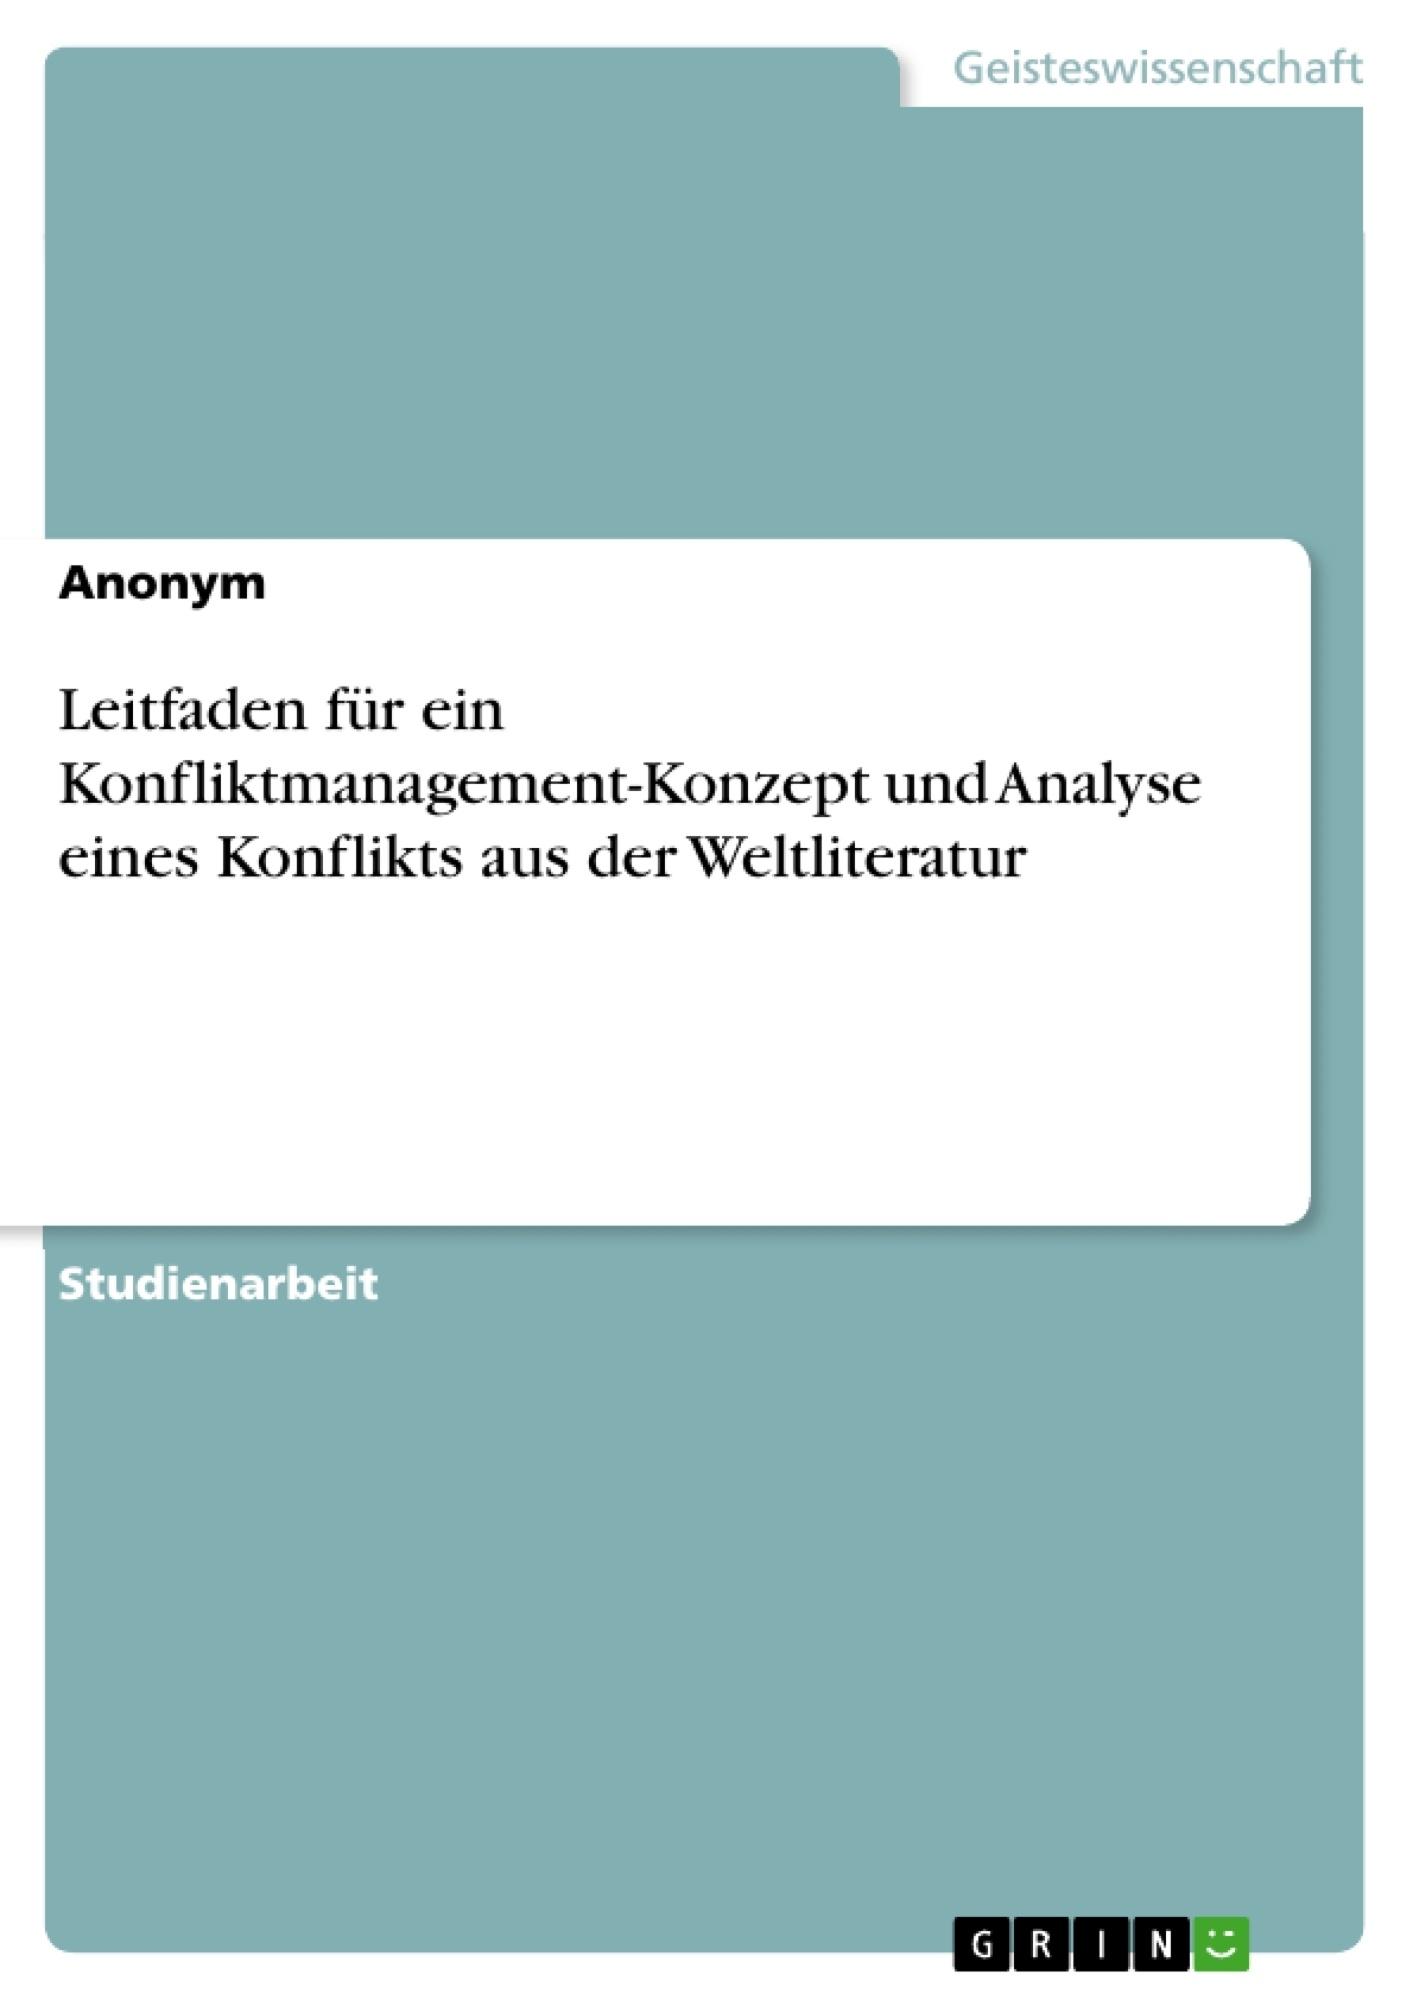 Titel: Leitfaden für ein Konfliktmanagement-Konzept und Analyse eines Konflikts aus der Weltliteratur